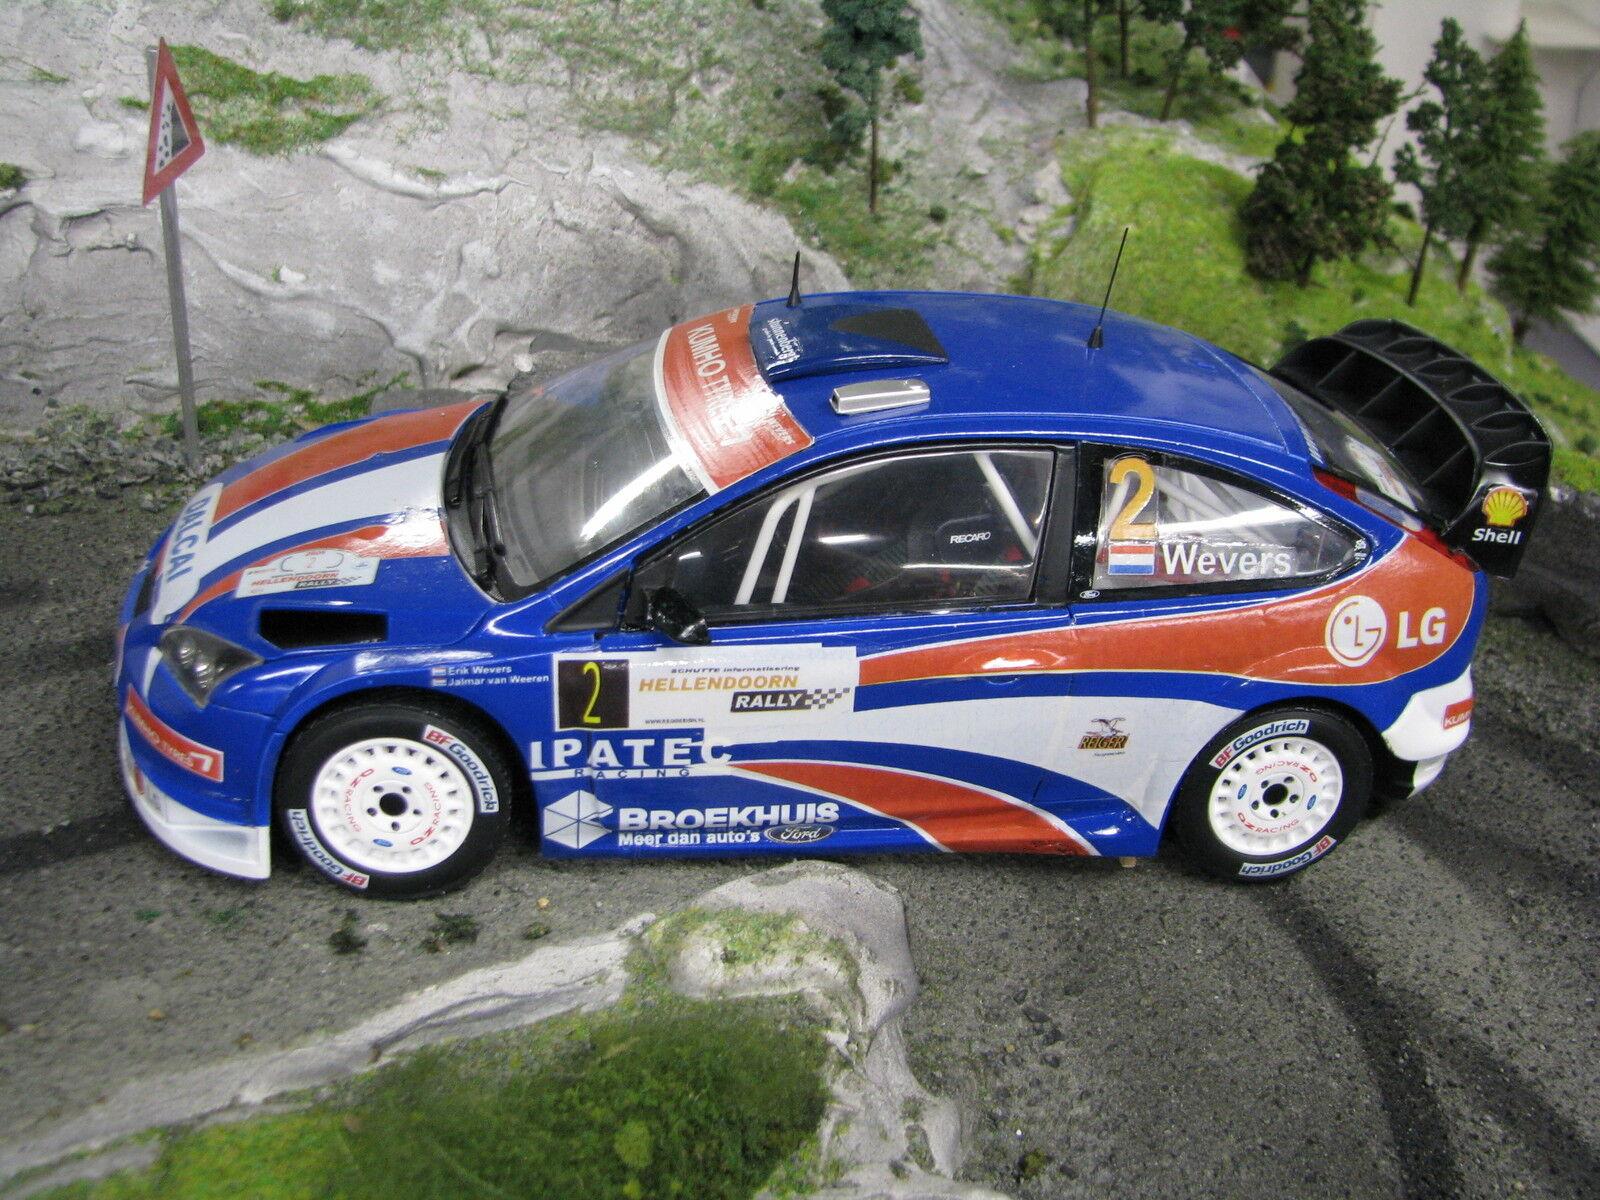 Sun Star Ford Focus RS WRC 06 1 18  2 Wevers   van Weeren Hellendoorn Rally 2009